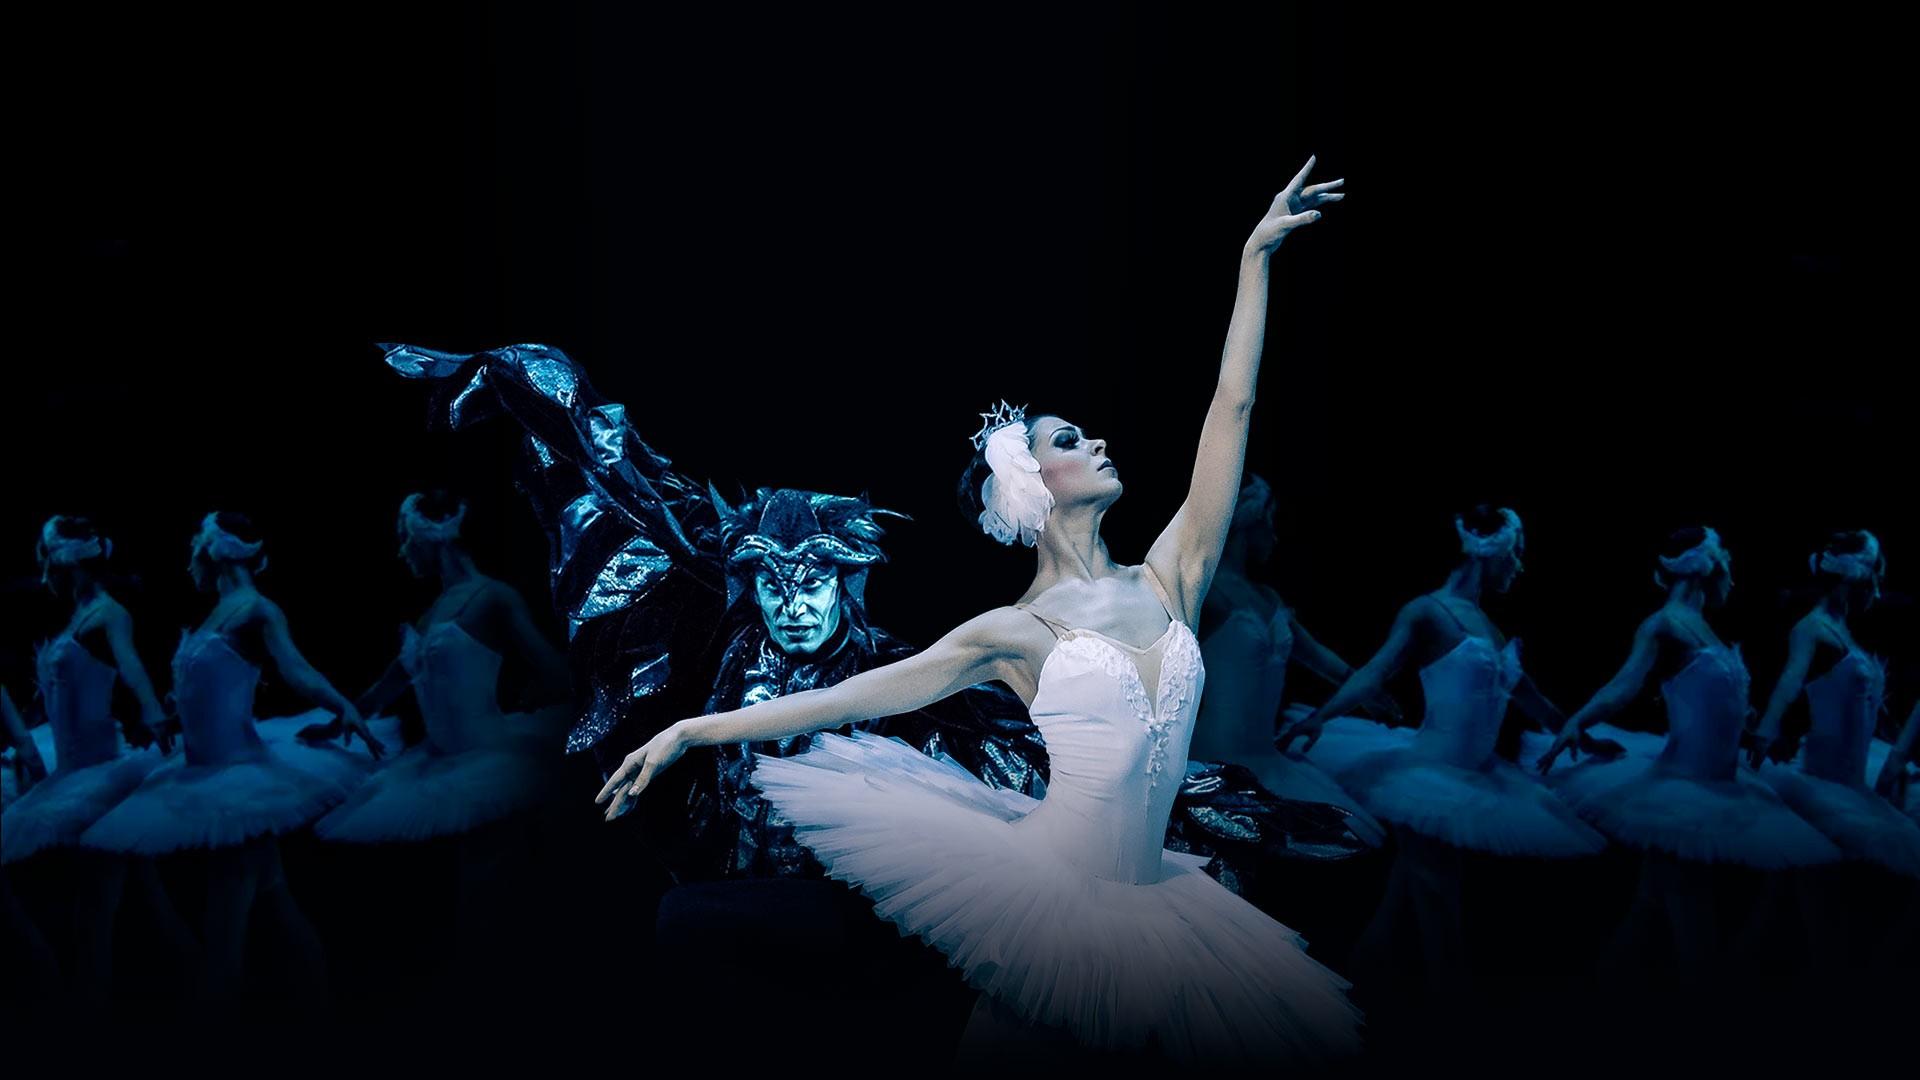 """IX Международный фестиваль балета в Кремле. Лебединое озеро. П. Чайковский. Спектакль театра """"Кремлёвский балет"""""""